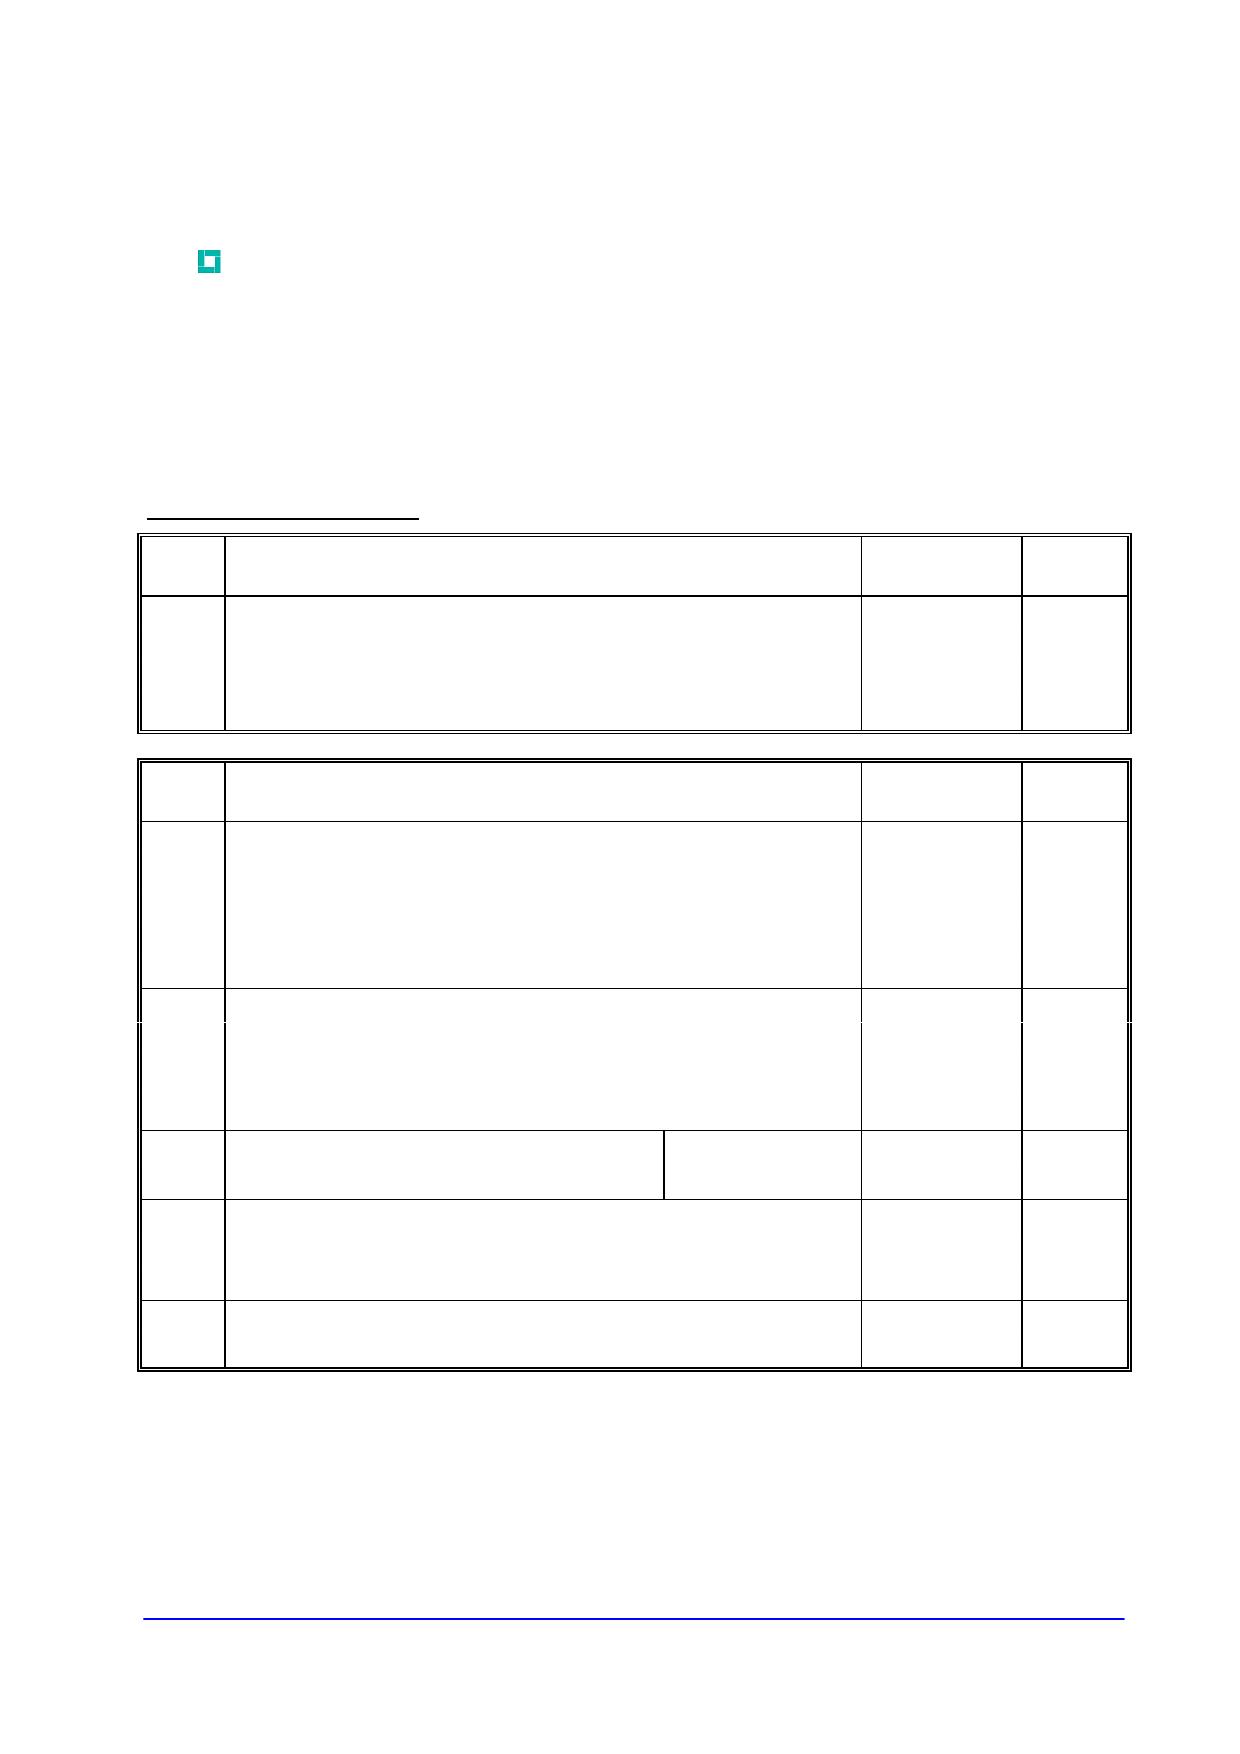 K0443LG650 datasheet